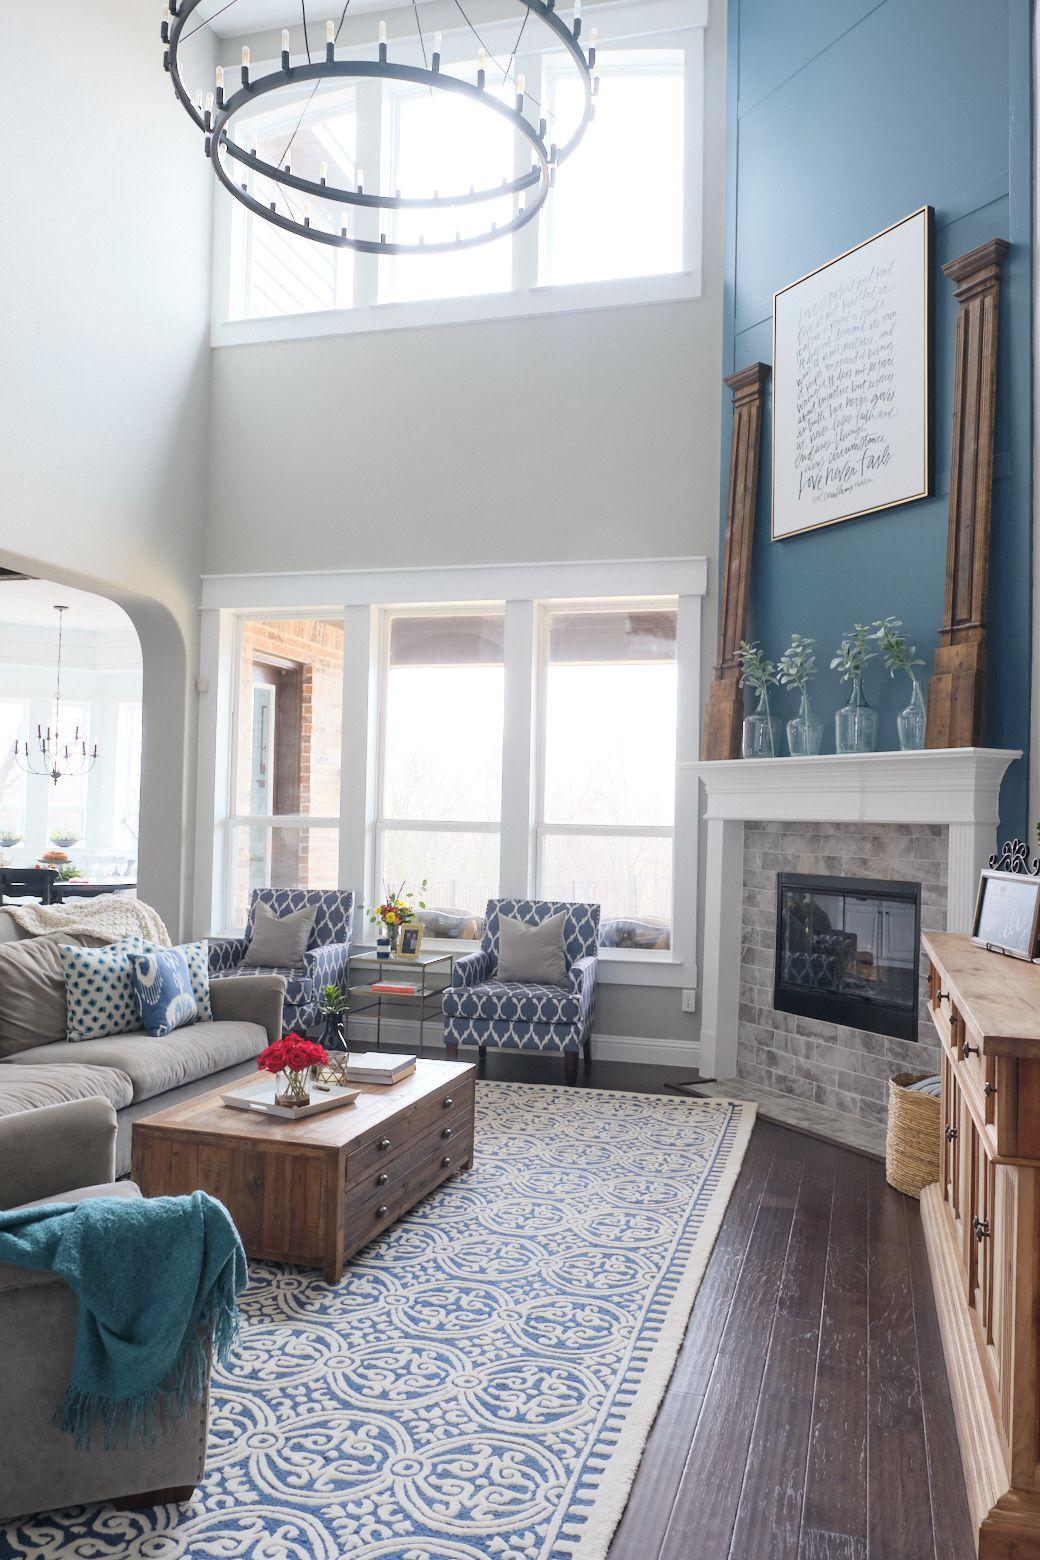 Home Retro Interior Design Interior Design Texas Home Decor